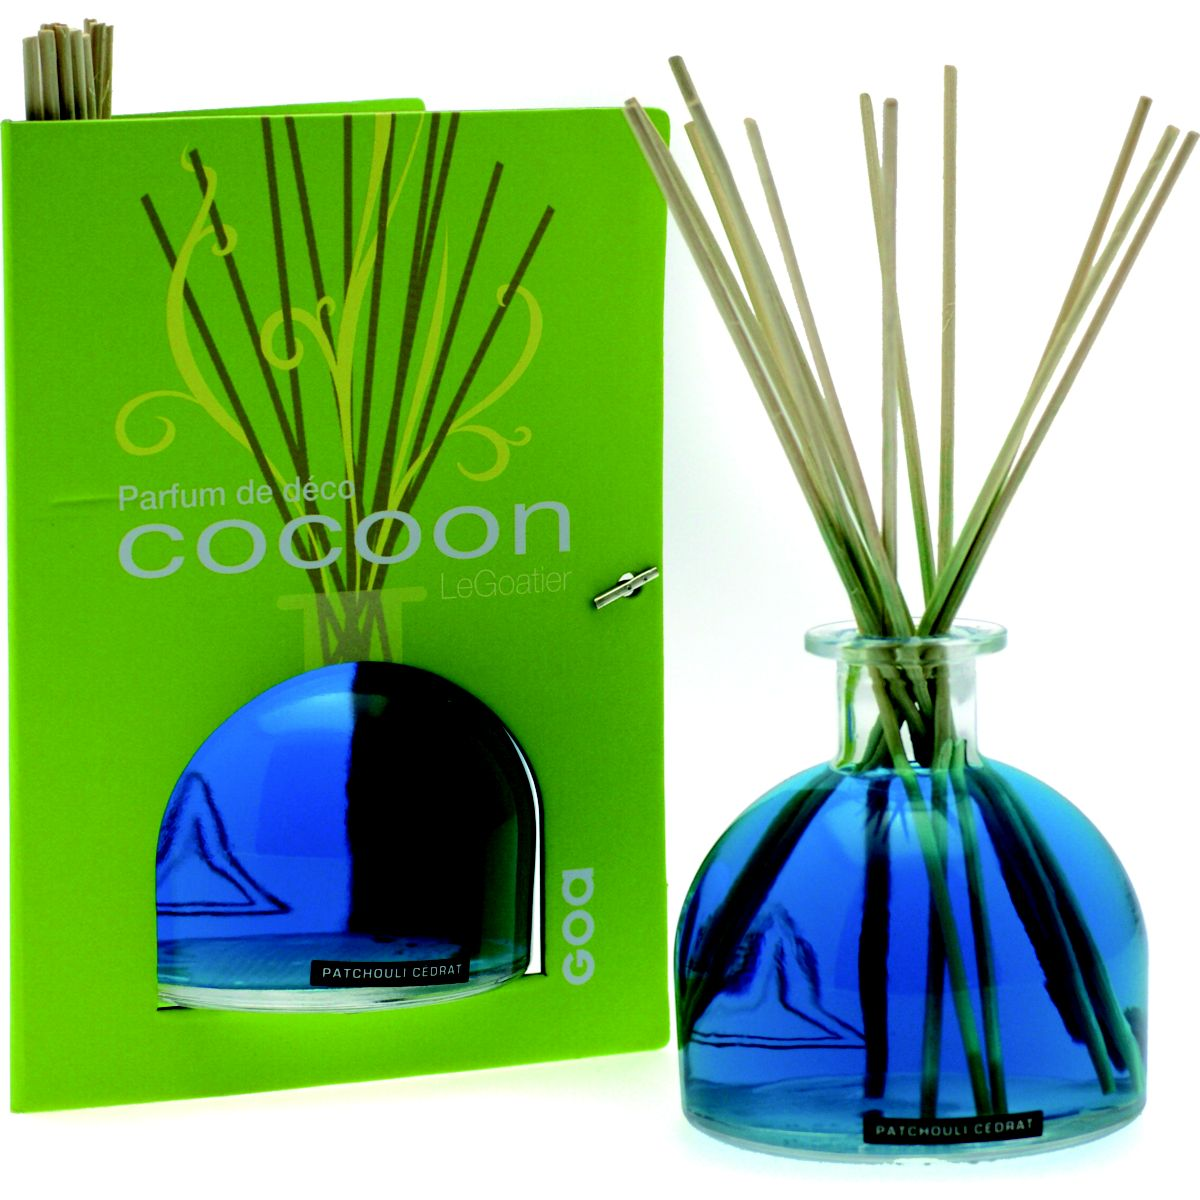 Goa goatier cocoon patchouli cédrat 250 ml (photo)